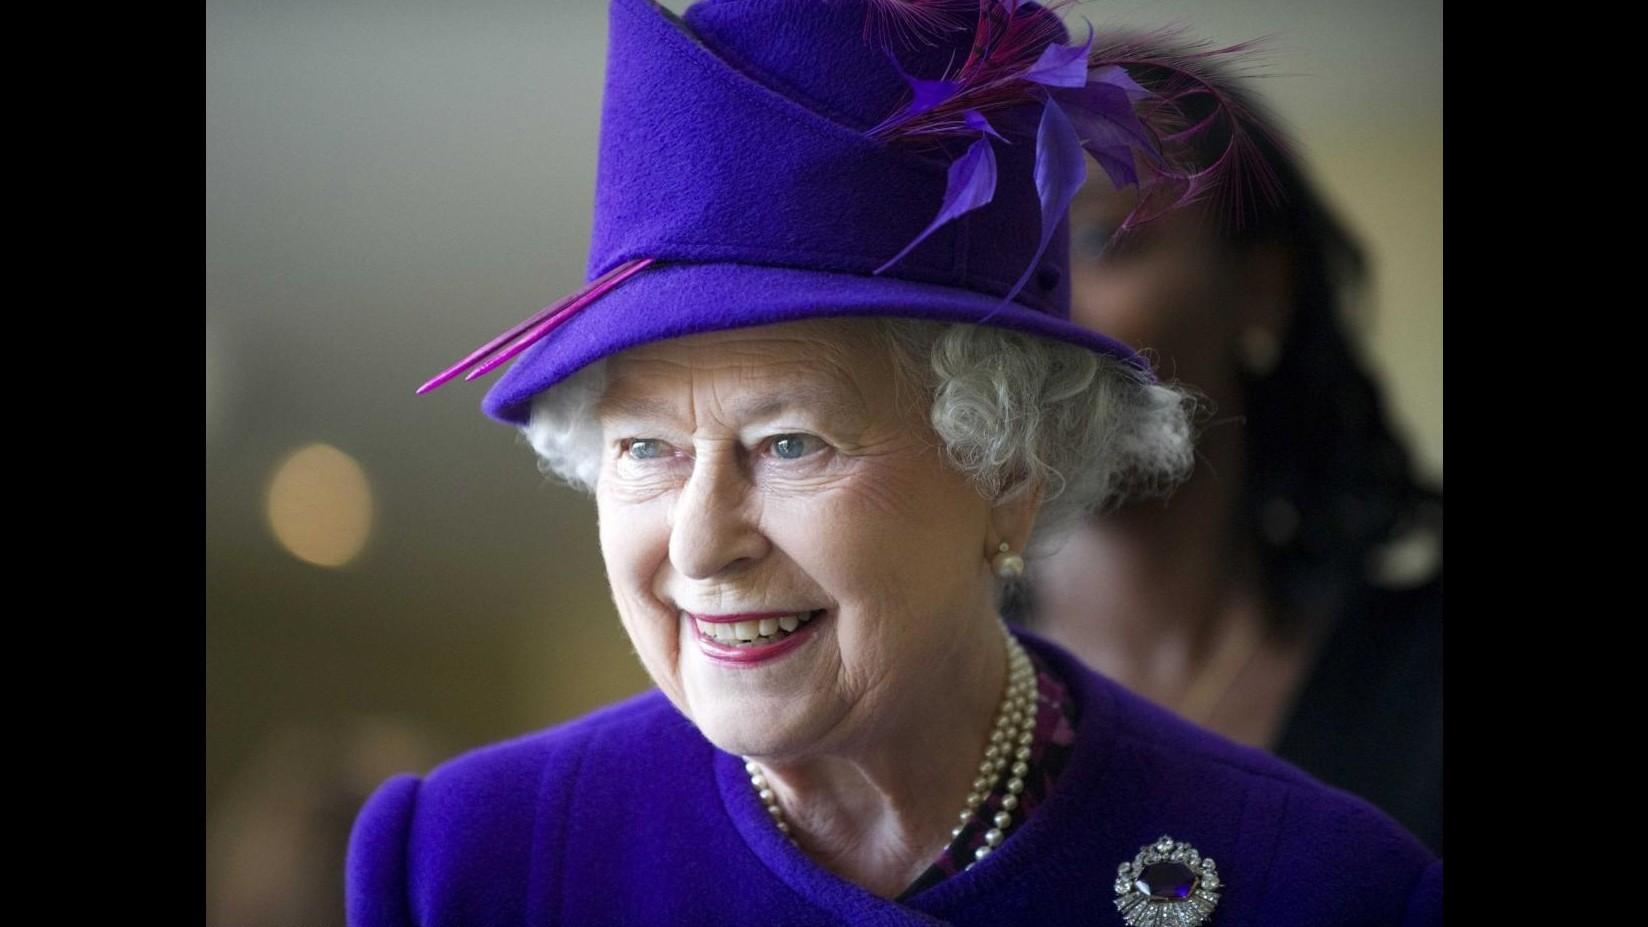 Regno Unito,da contribuenti 32,1 mln sterline per monarchia in un anno